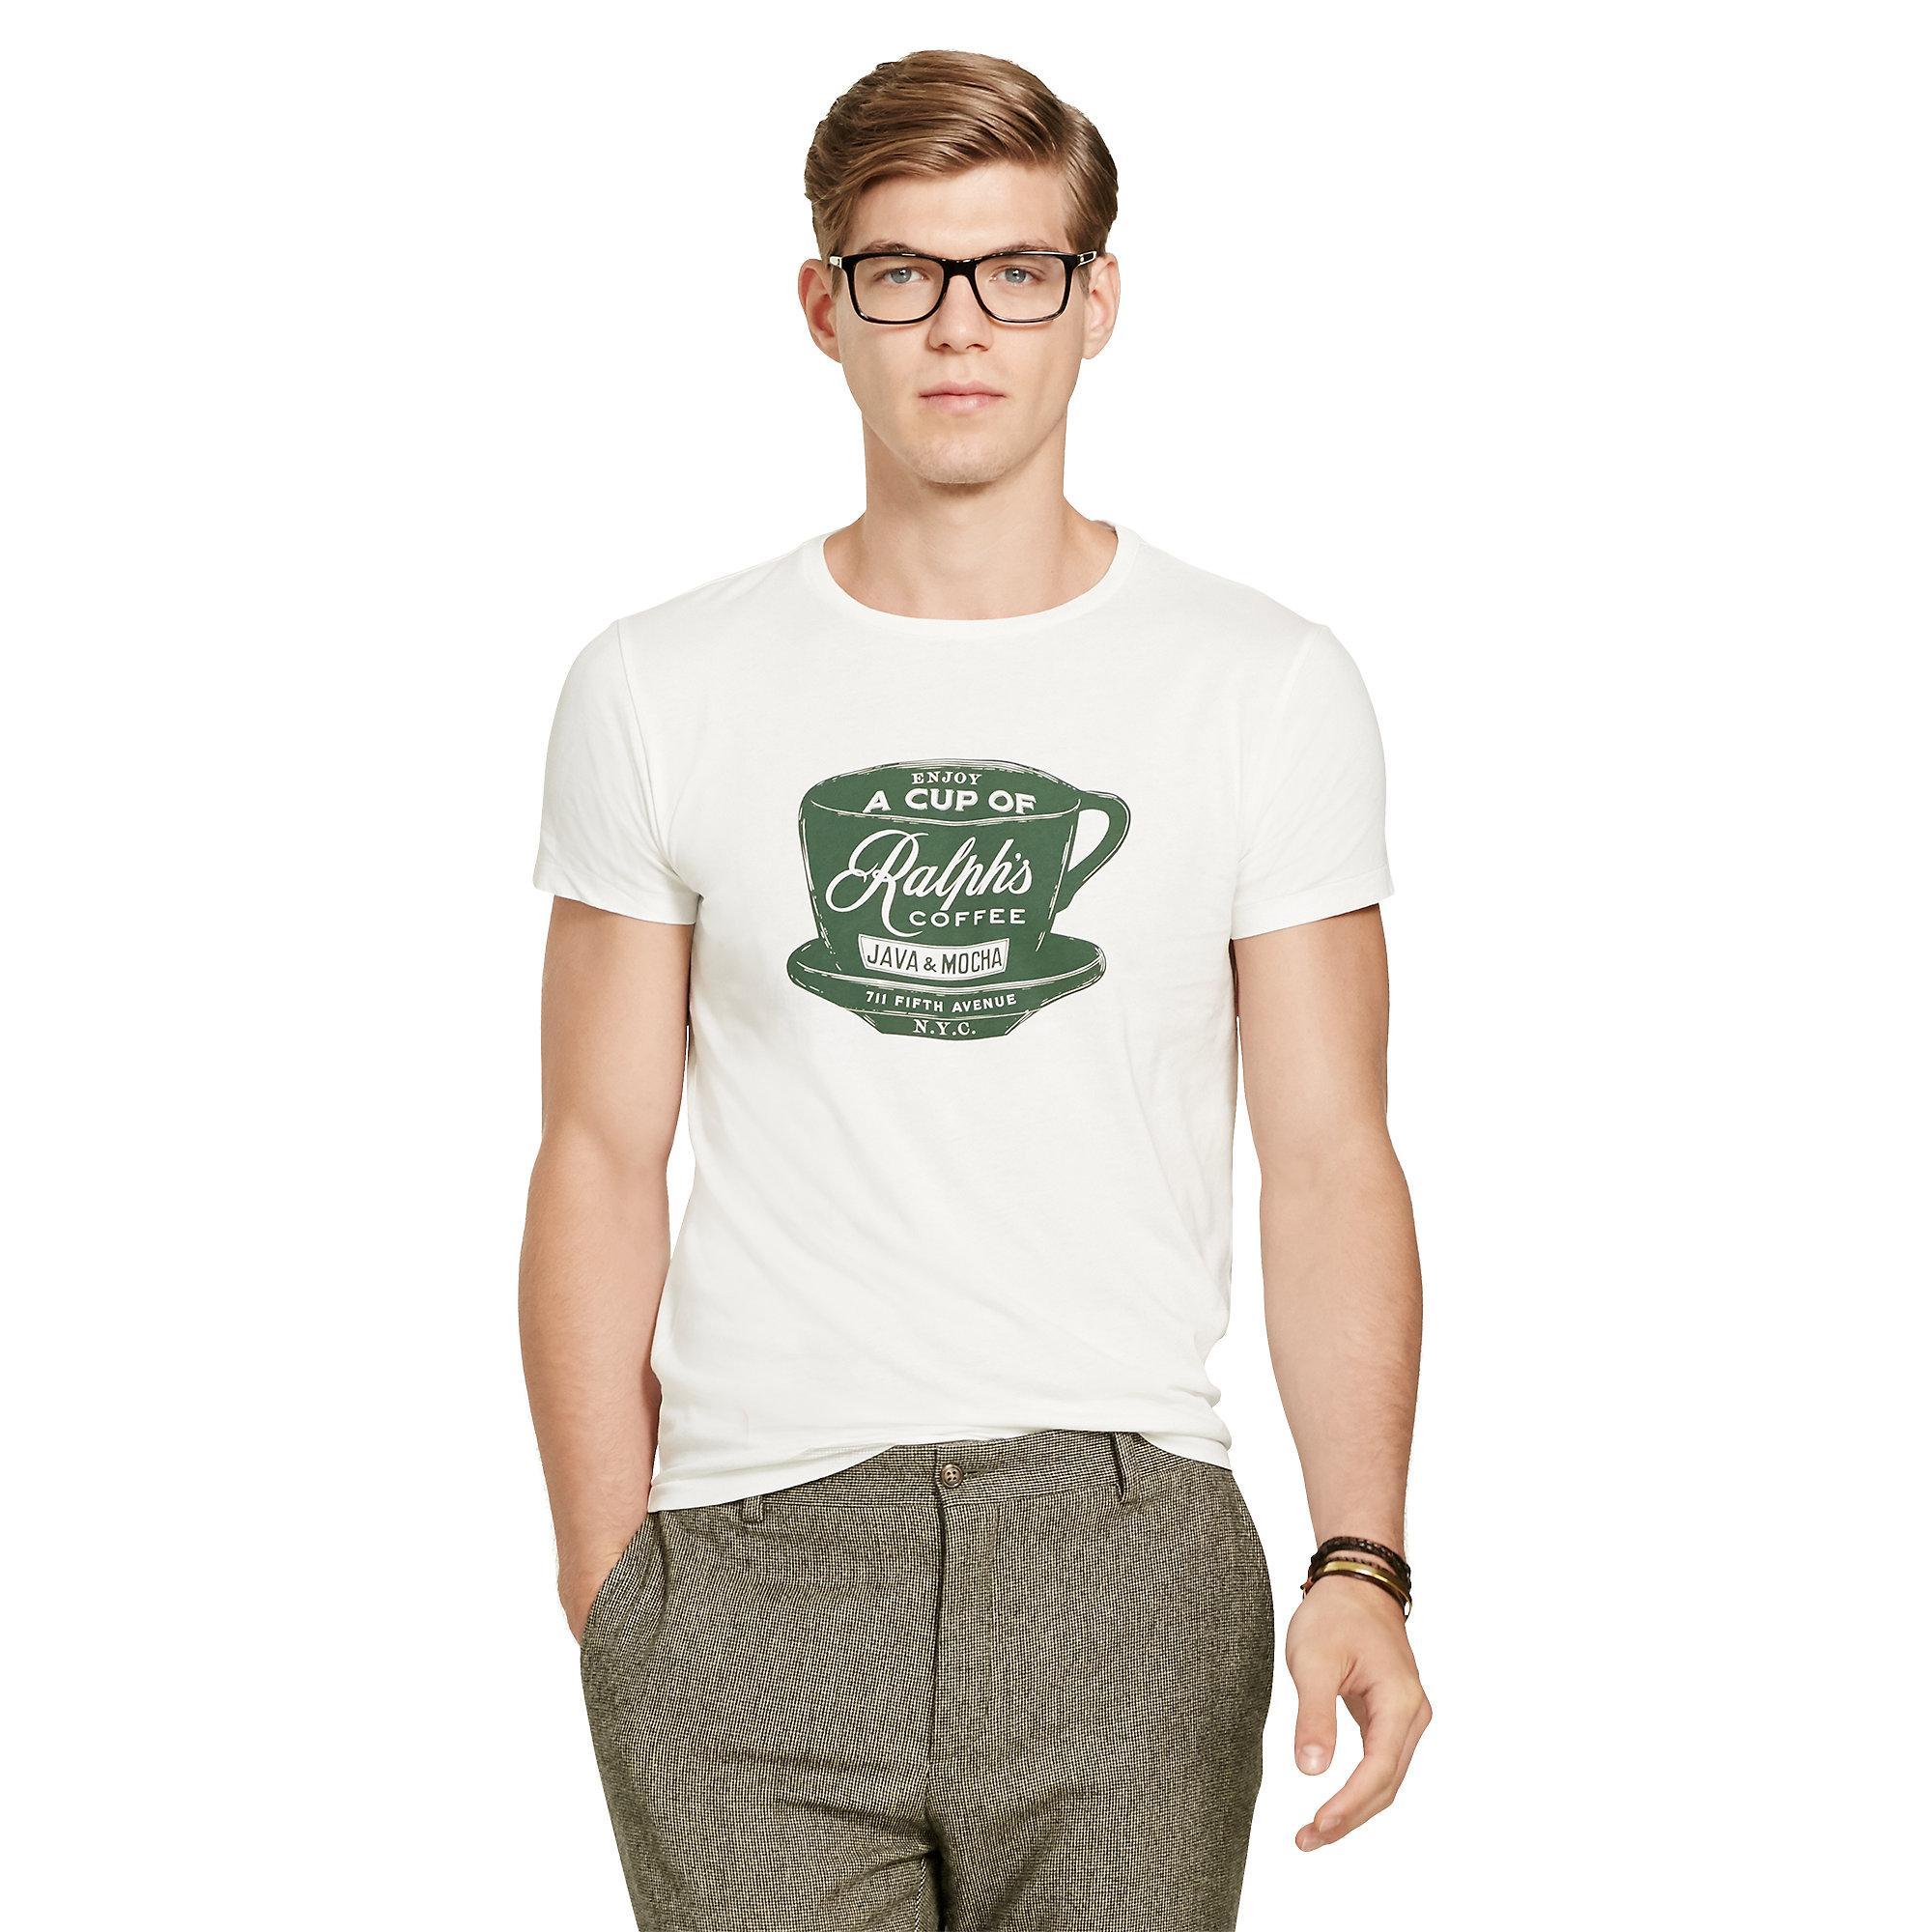 ffc677d1 Polo Ralph Lauren White Ralph's Coffee T-shirt for men